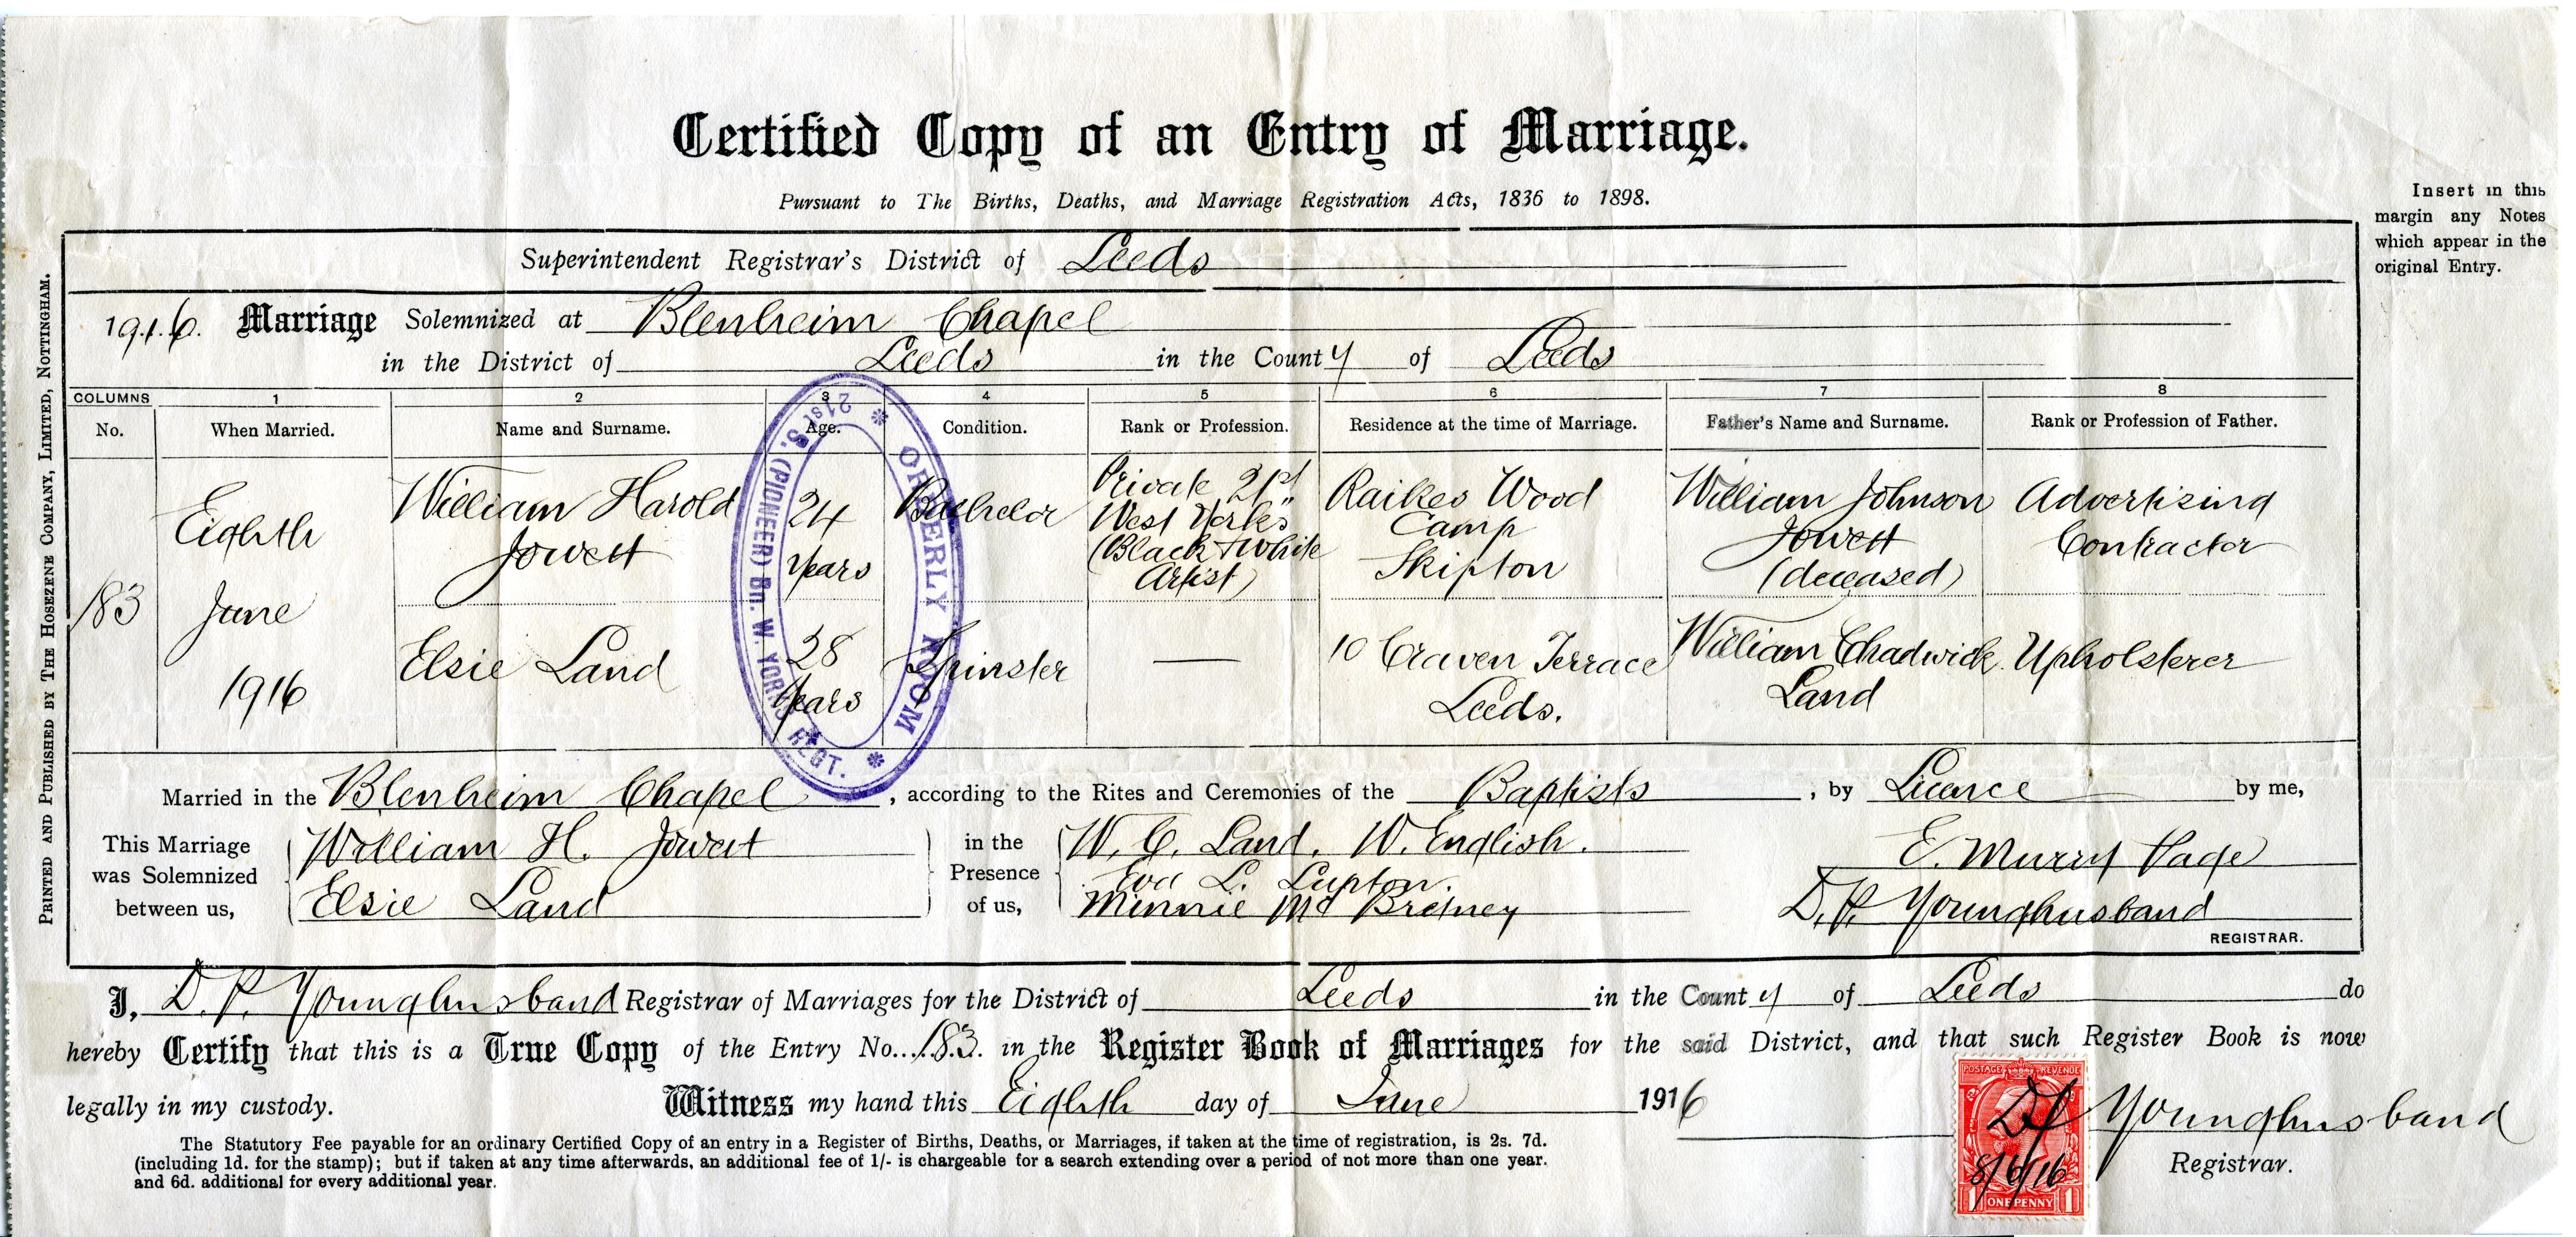 William Harold marries Elsie Land